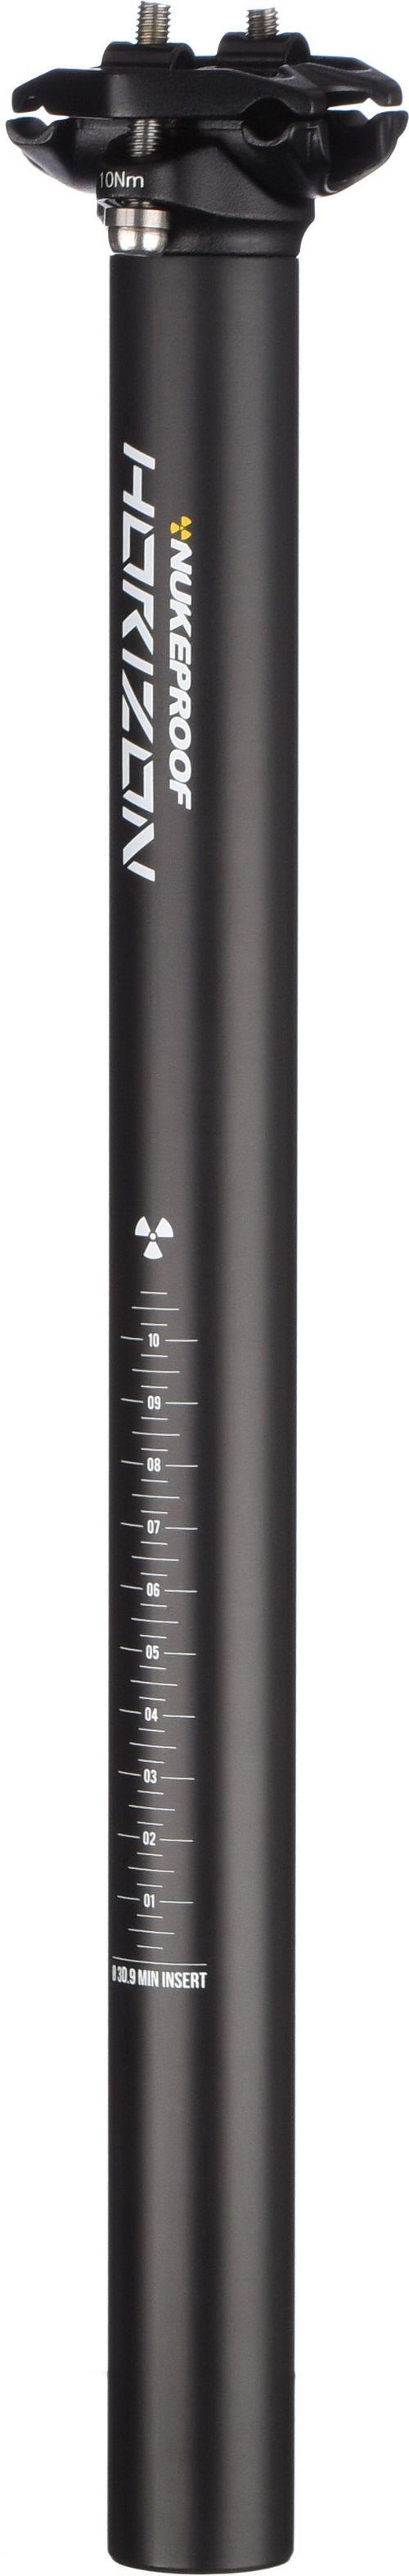 Comprar Tija de sillín recta de carbono Nukeproof Horizon